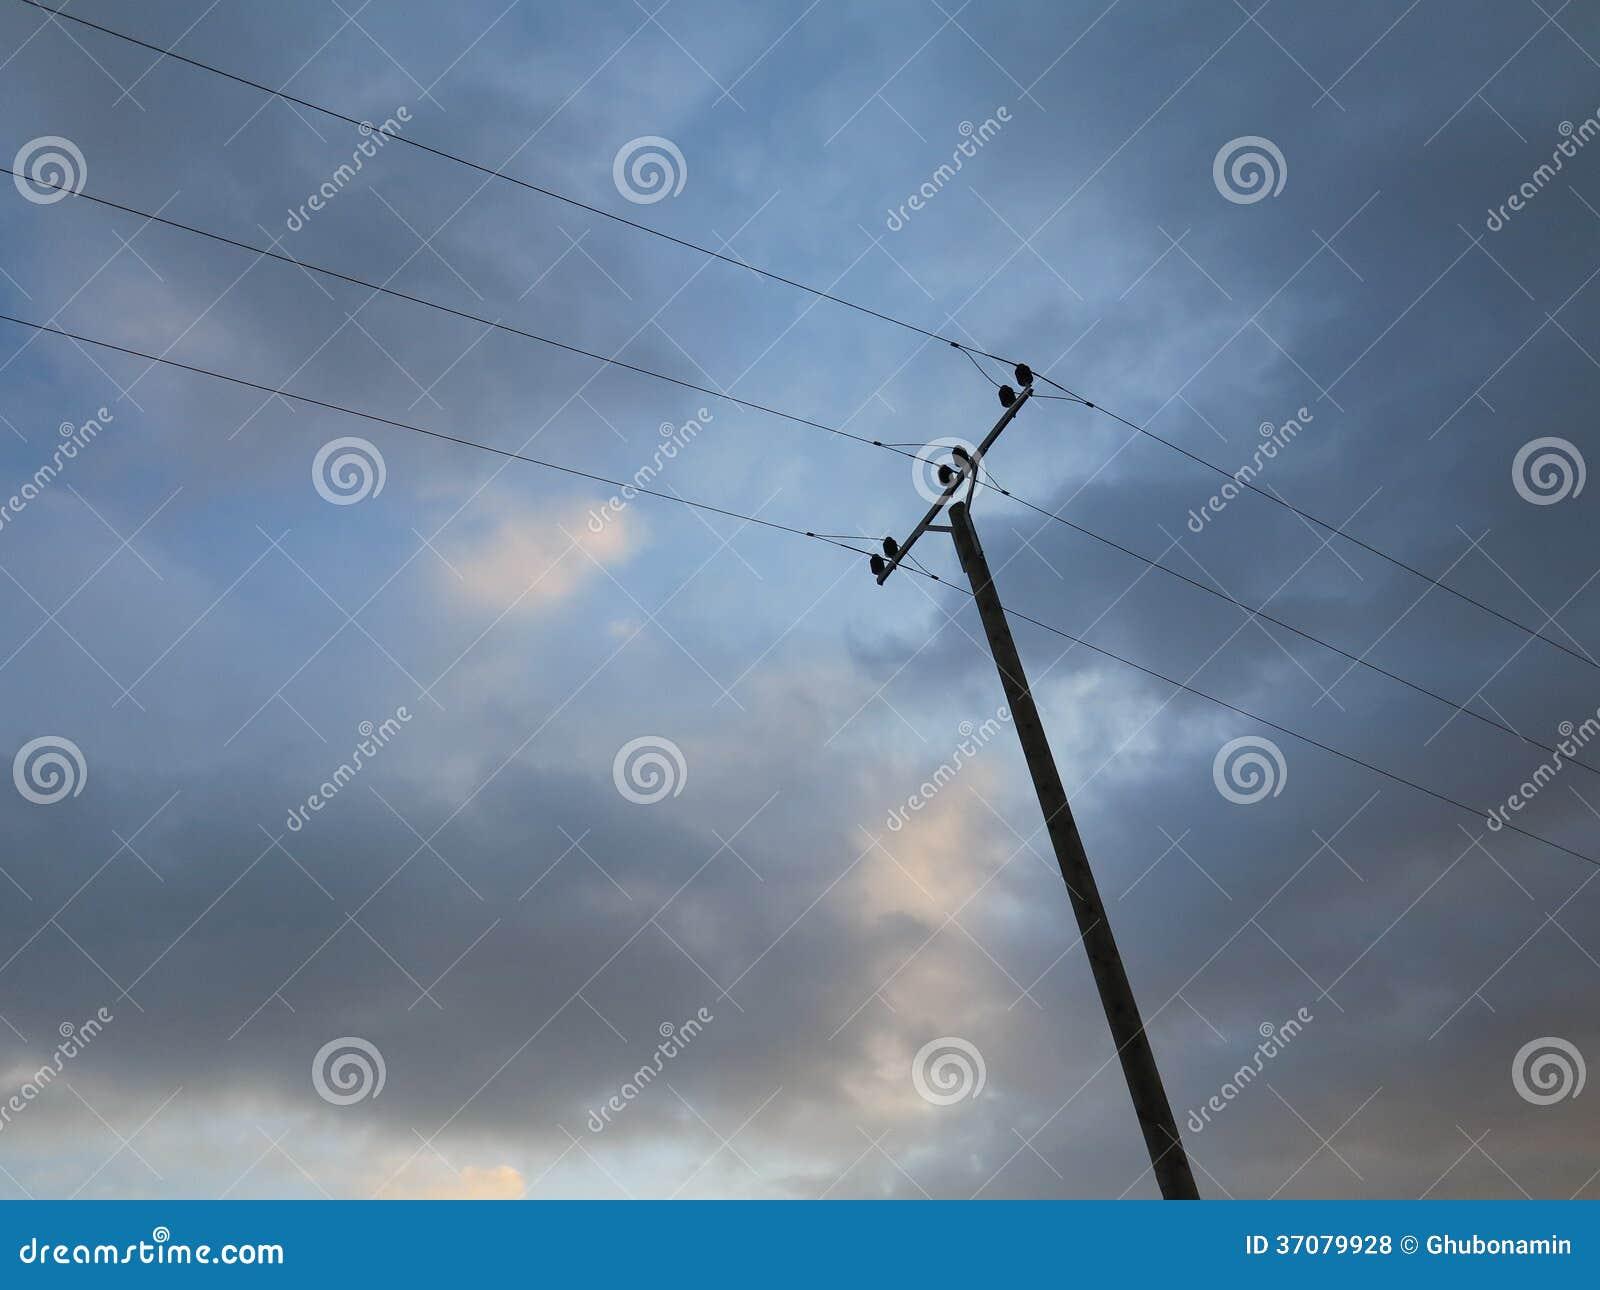 Download Zasilanie elektryczne słup zdjęcie stock. Obraz złożonej z elektryczność - 37079928